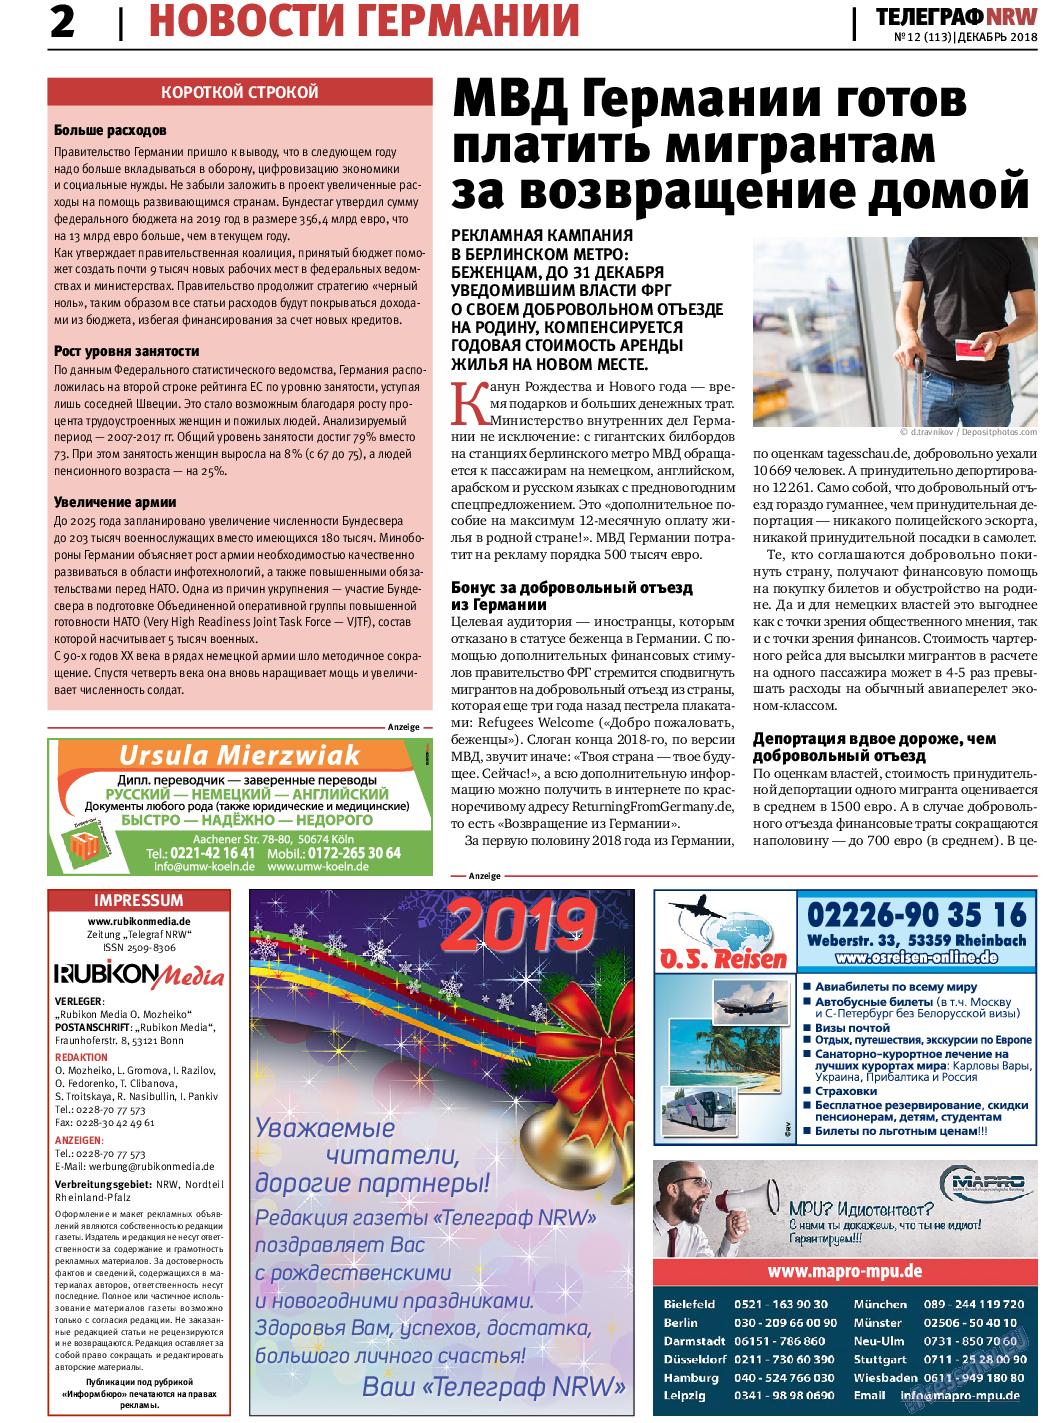 Телеграф NRW (газета). 2018 год, номер 12, стр. 2